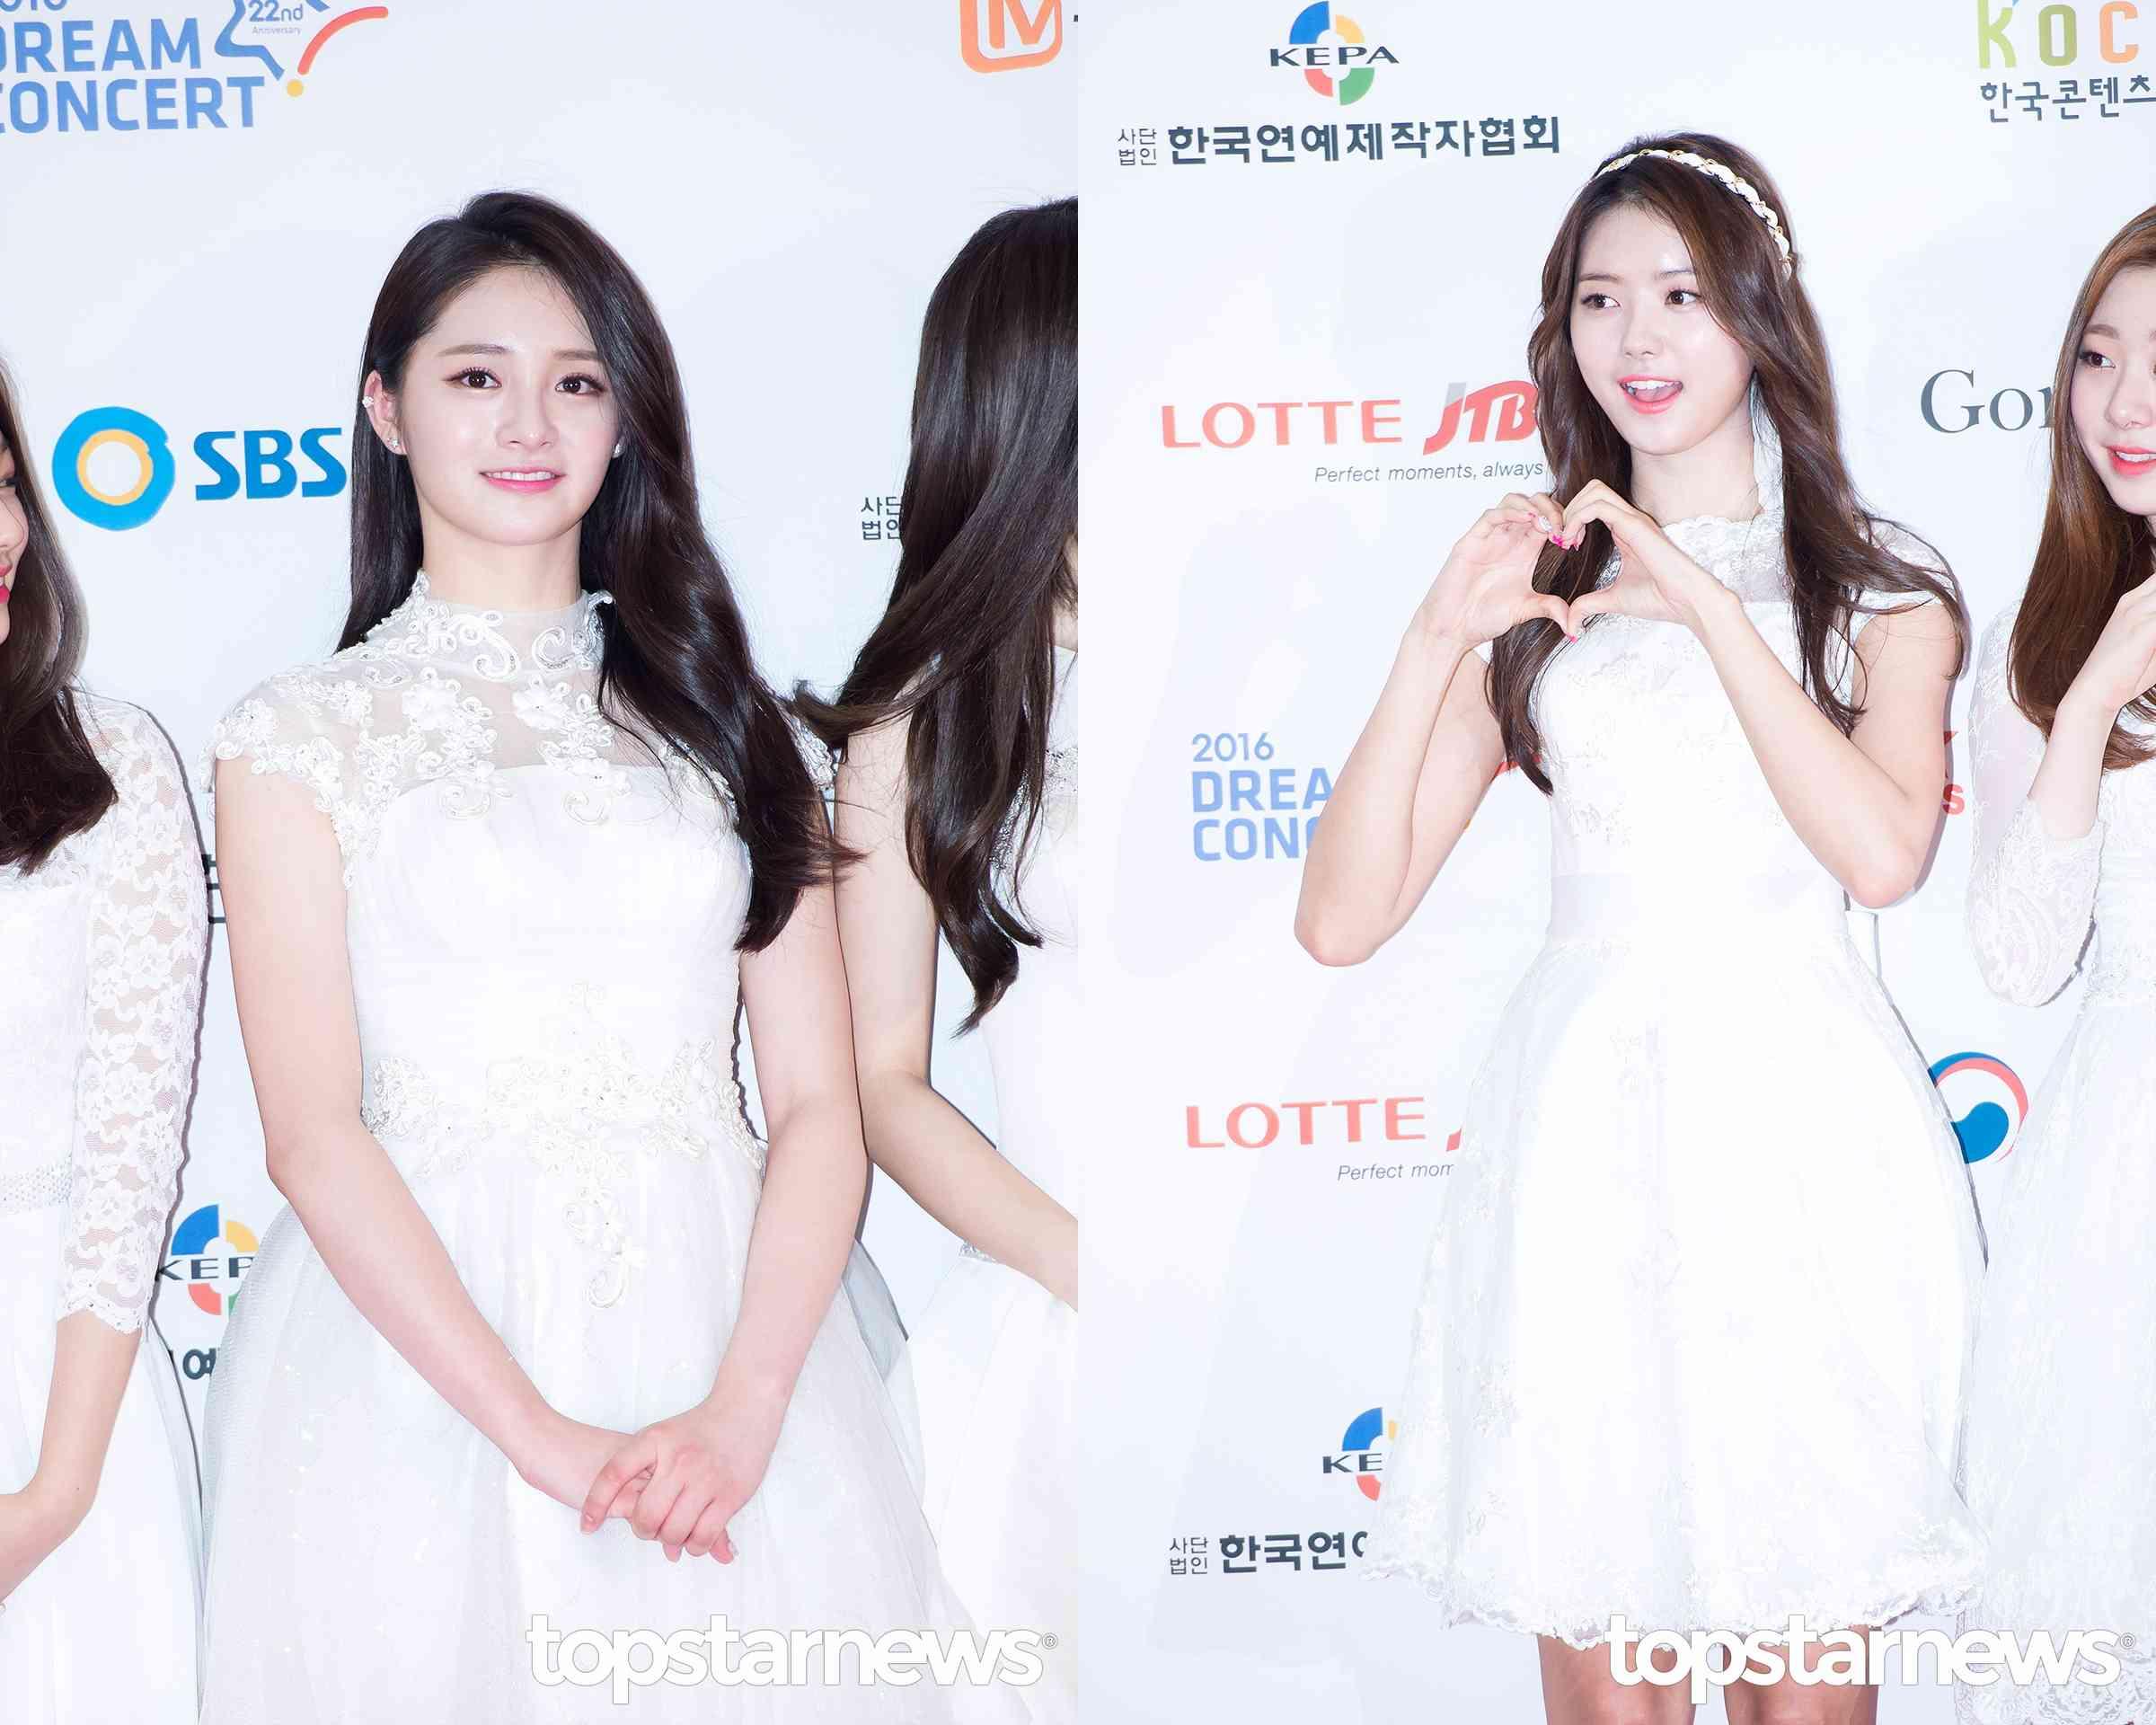 周潔瓊和林娜榮在6月25日,Pledis Girlz也有定期公演舉行